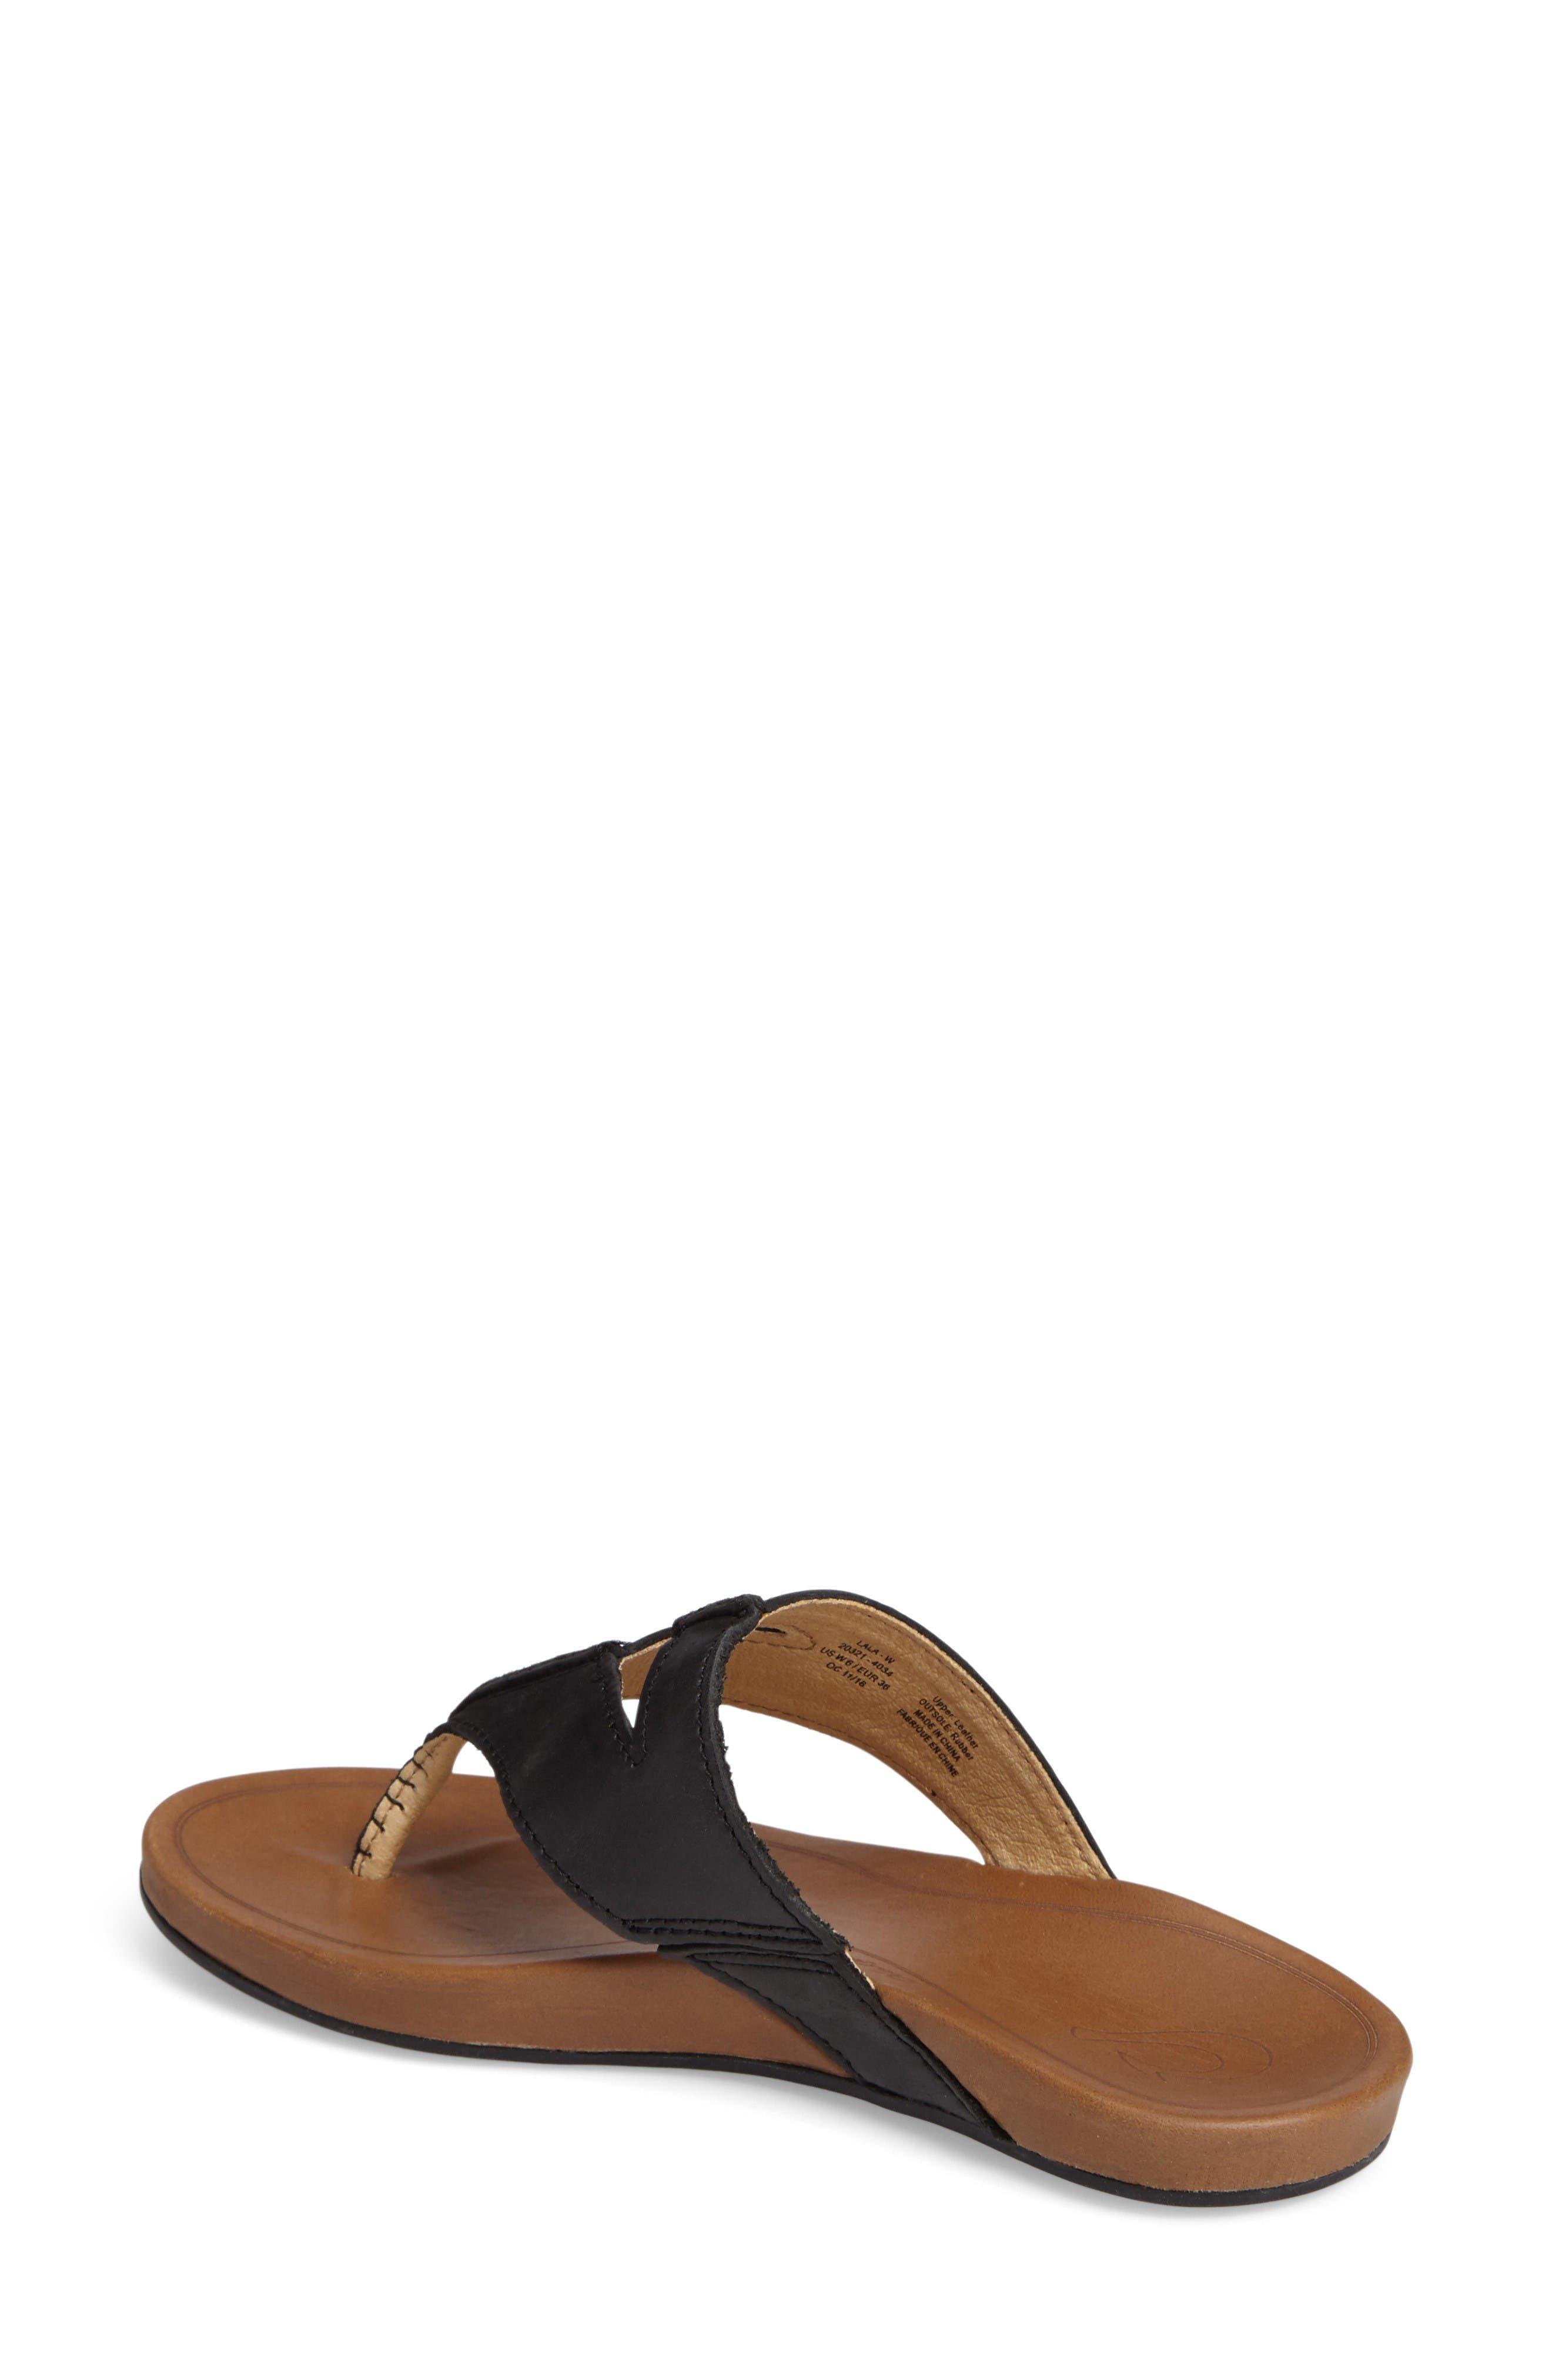 63a09770b Shoe Steals  Women s Sandals